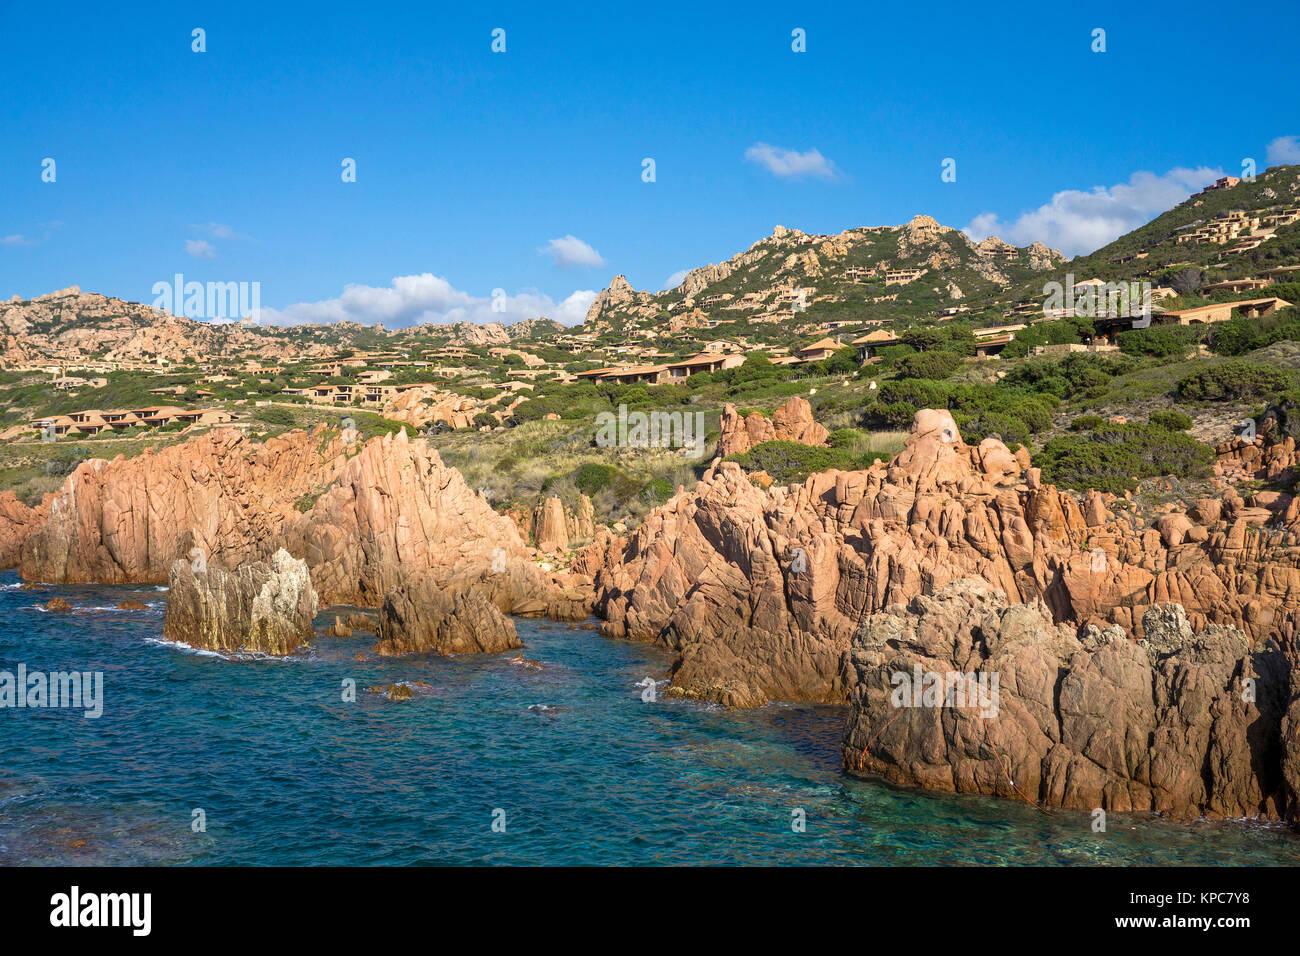 Idyllic rocky coast of Costa Paradiso, Porphyry rocks, Sardinia, Italy, Mediterranean  sea, Europe - Stock Image